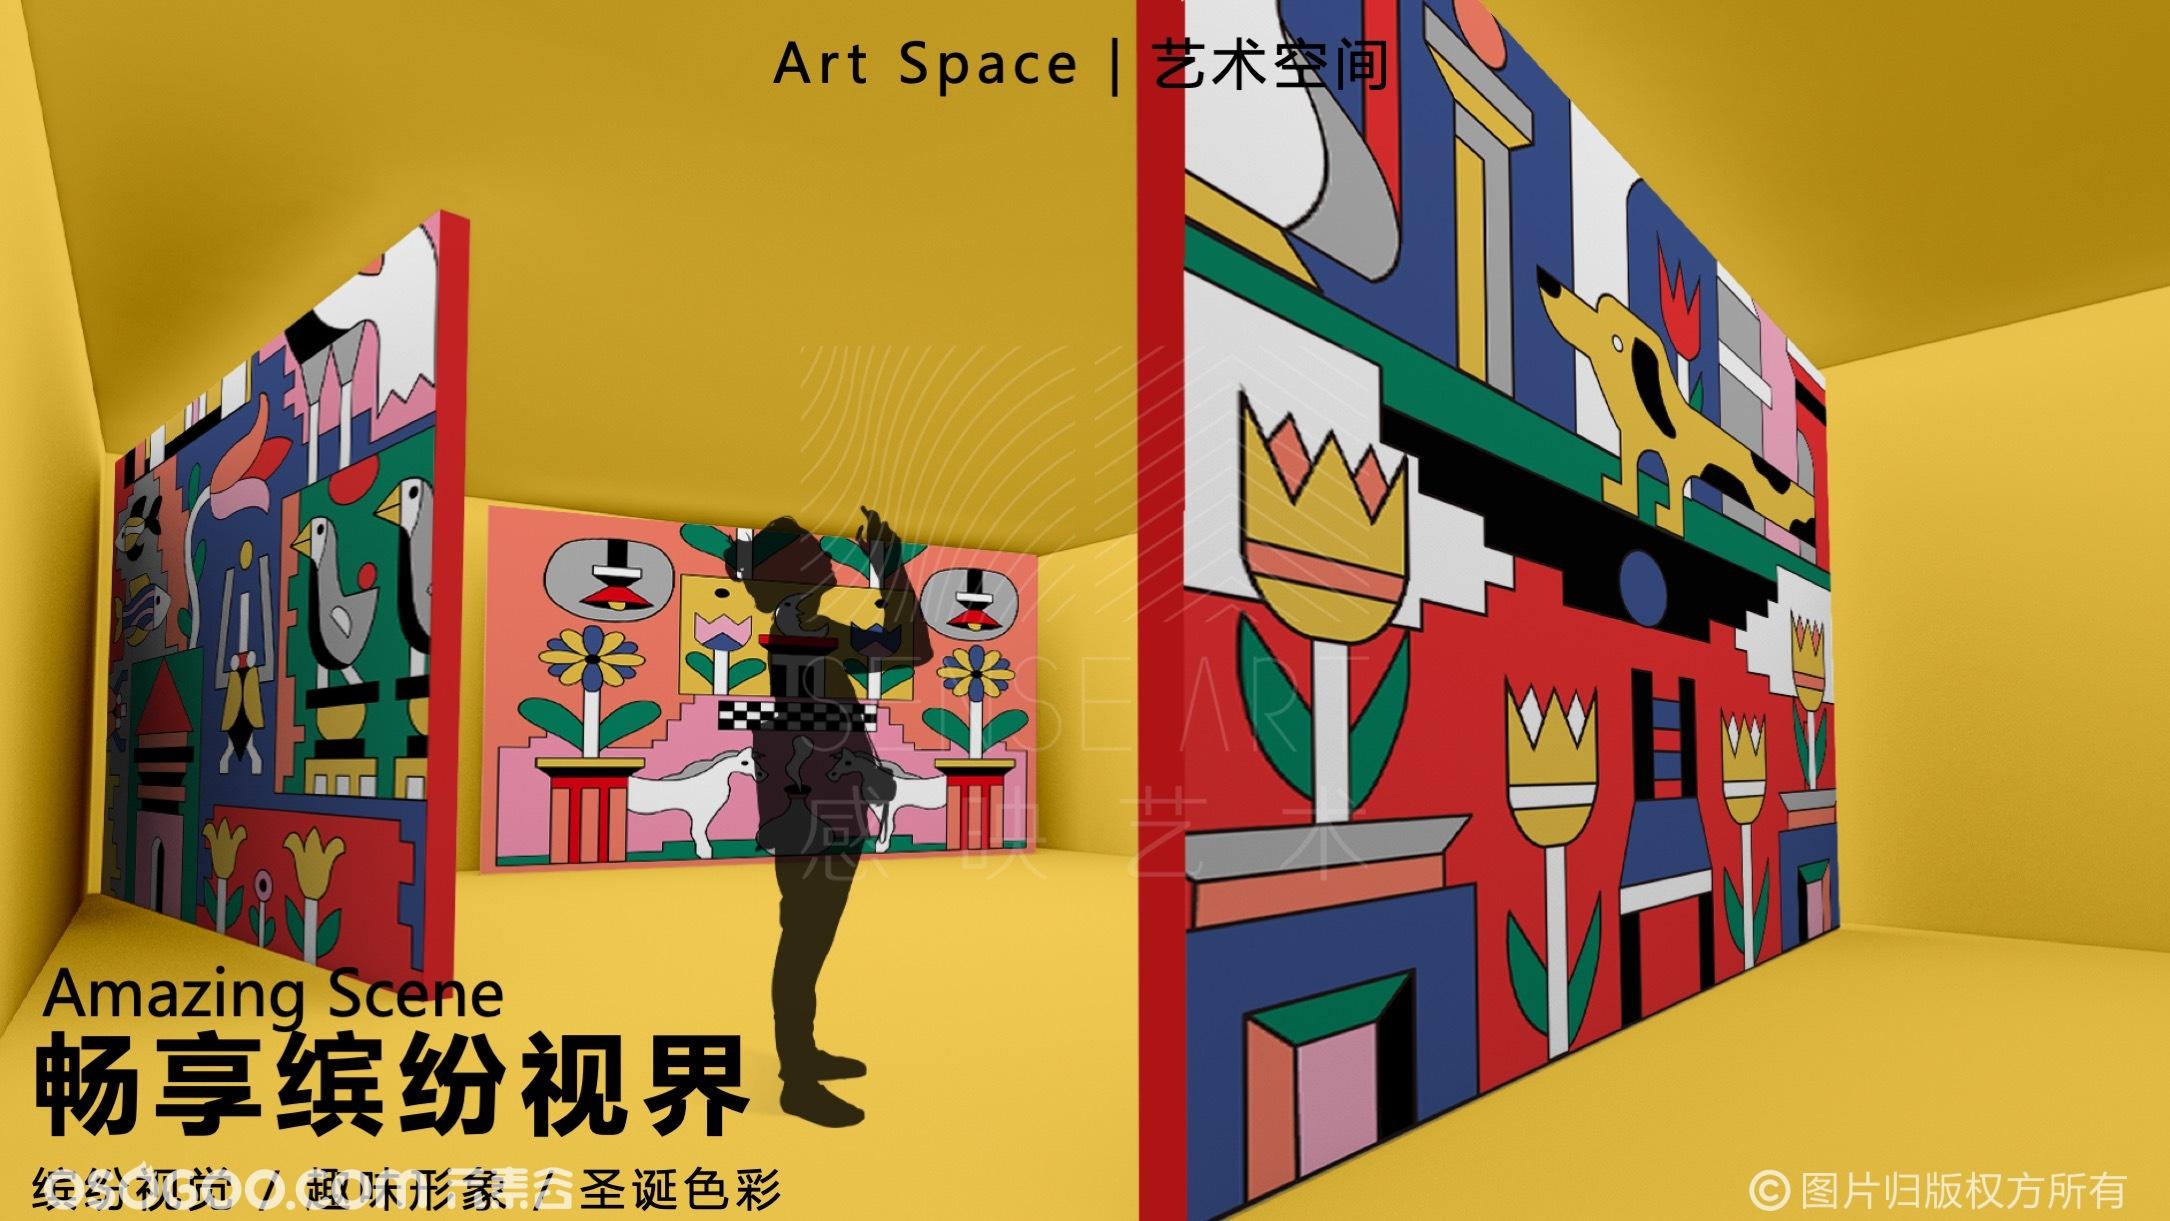 【幸好礼还在】荷兰艺术家圣诞几何艺术沉浸空间-感映艺术出品